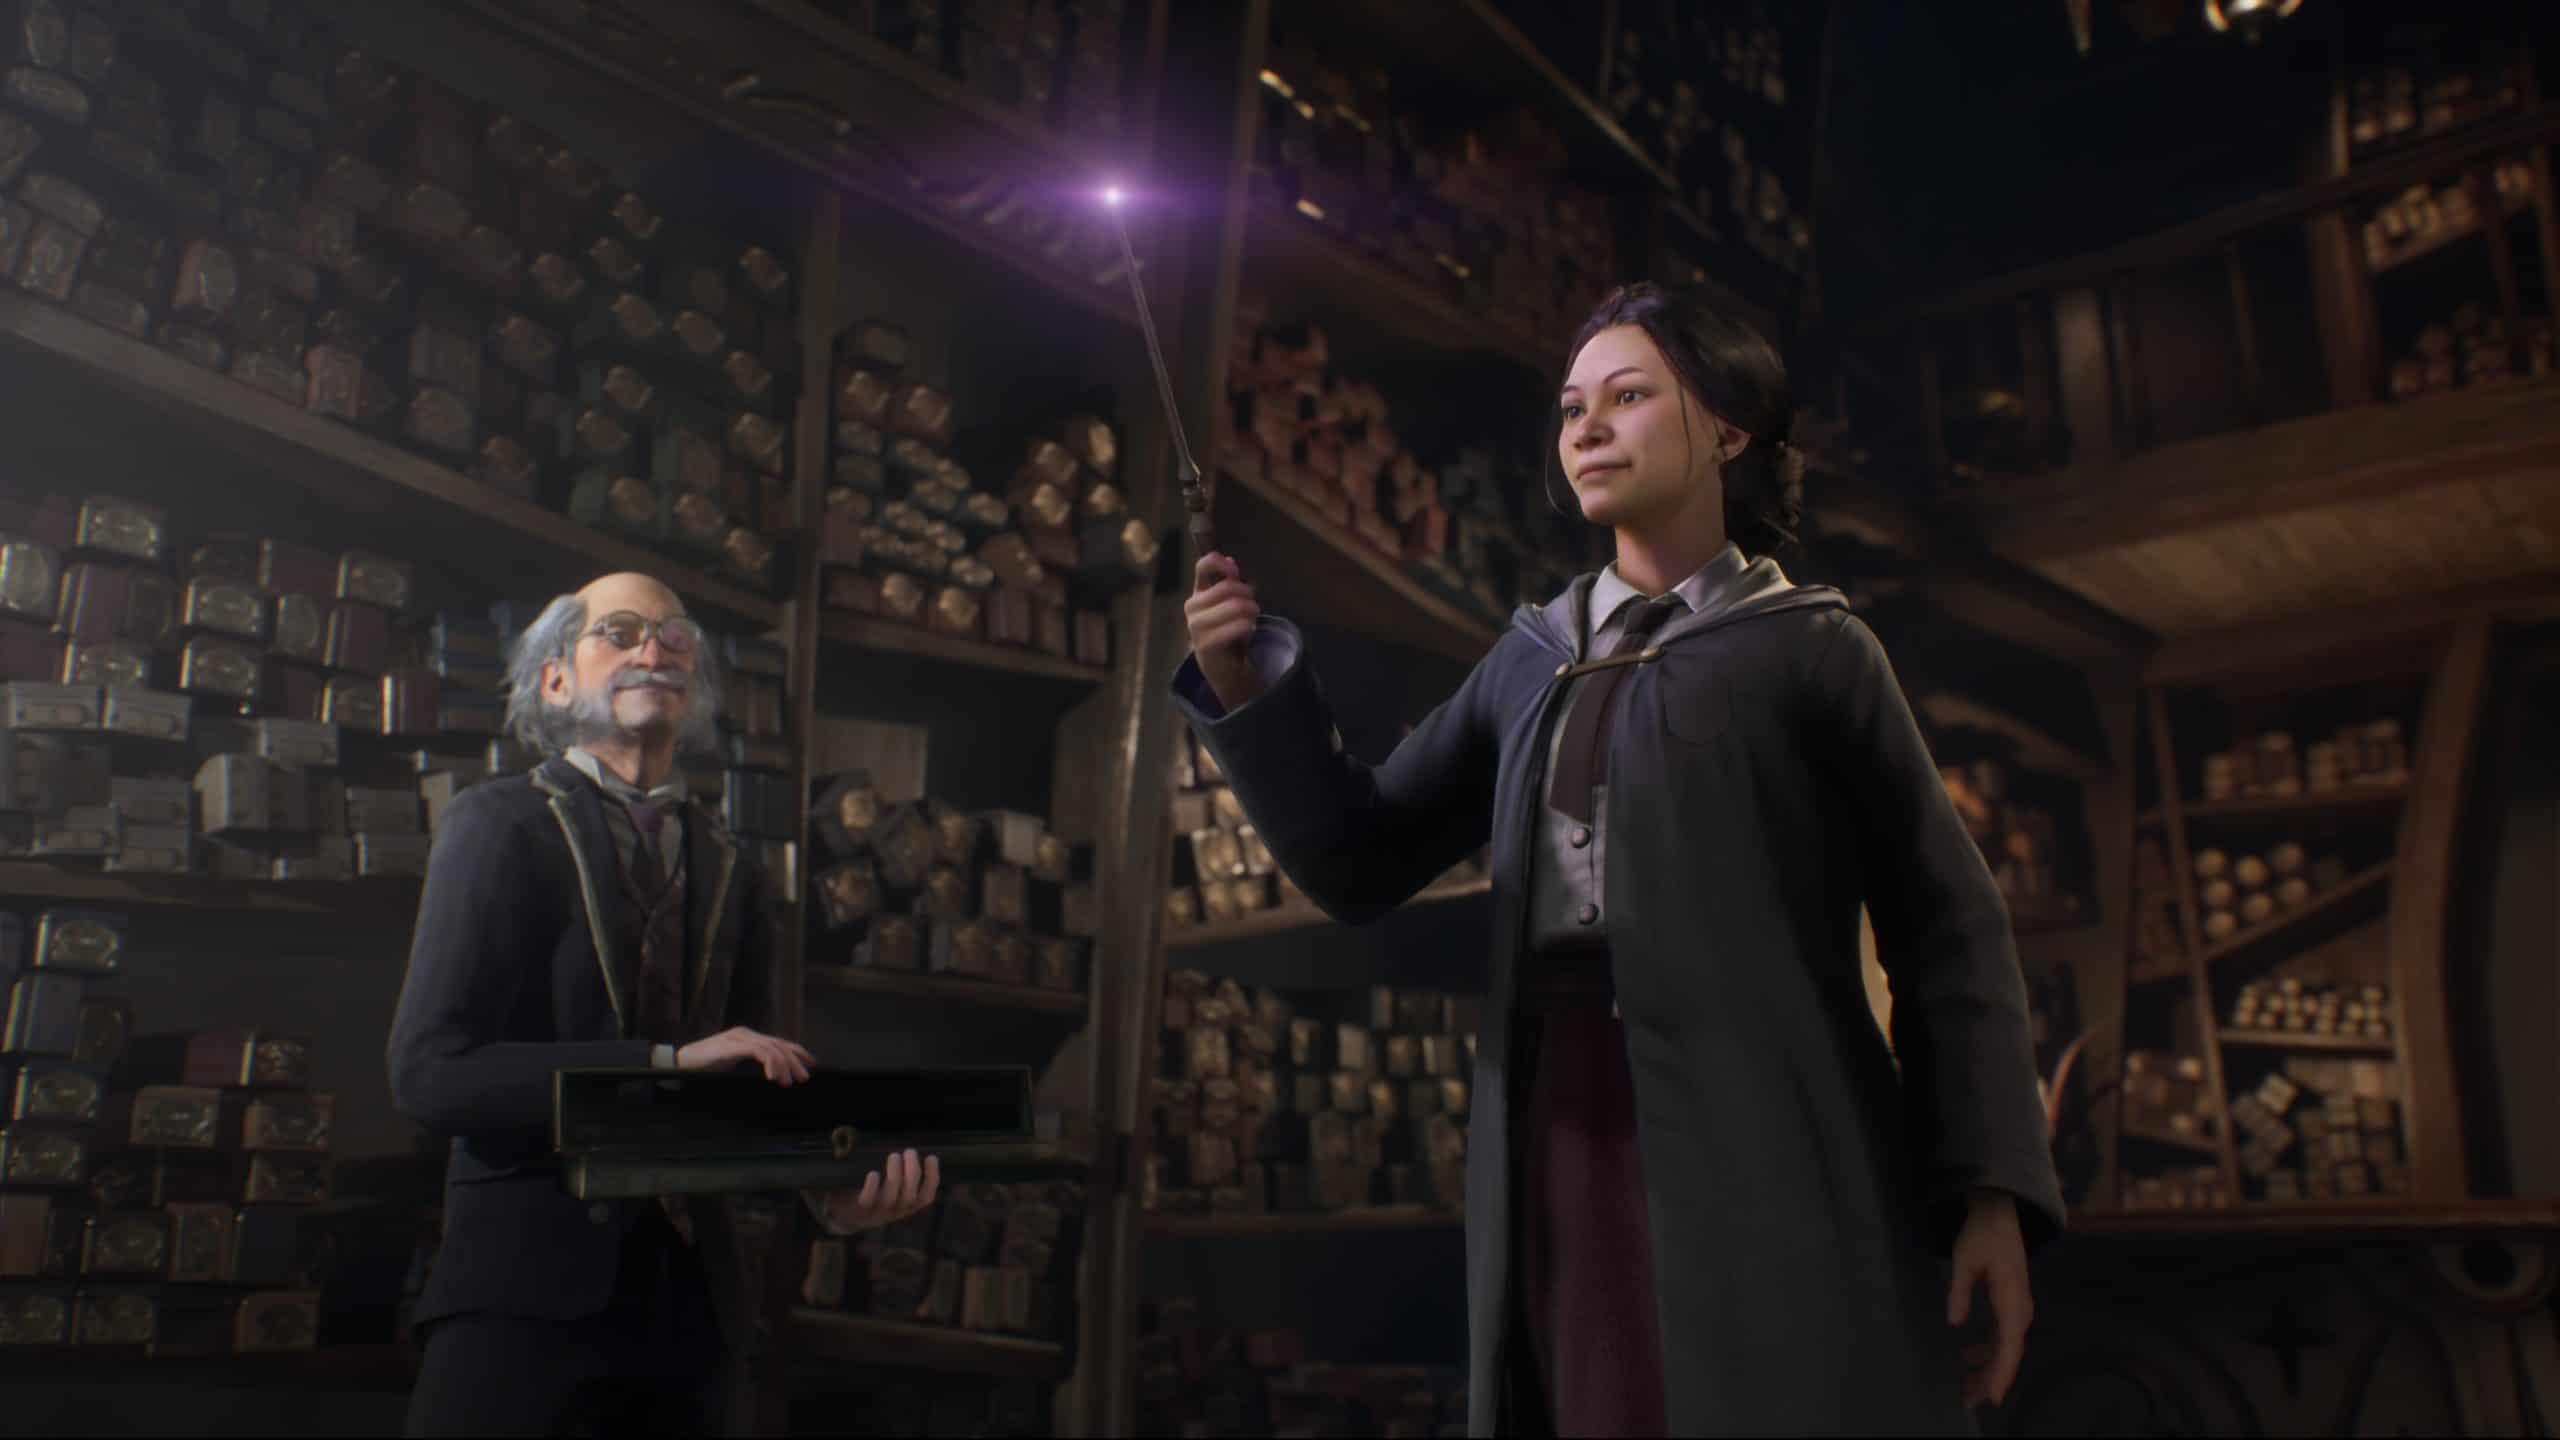 Jogo se passa 100 anos antes de Harry Potter